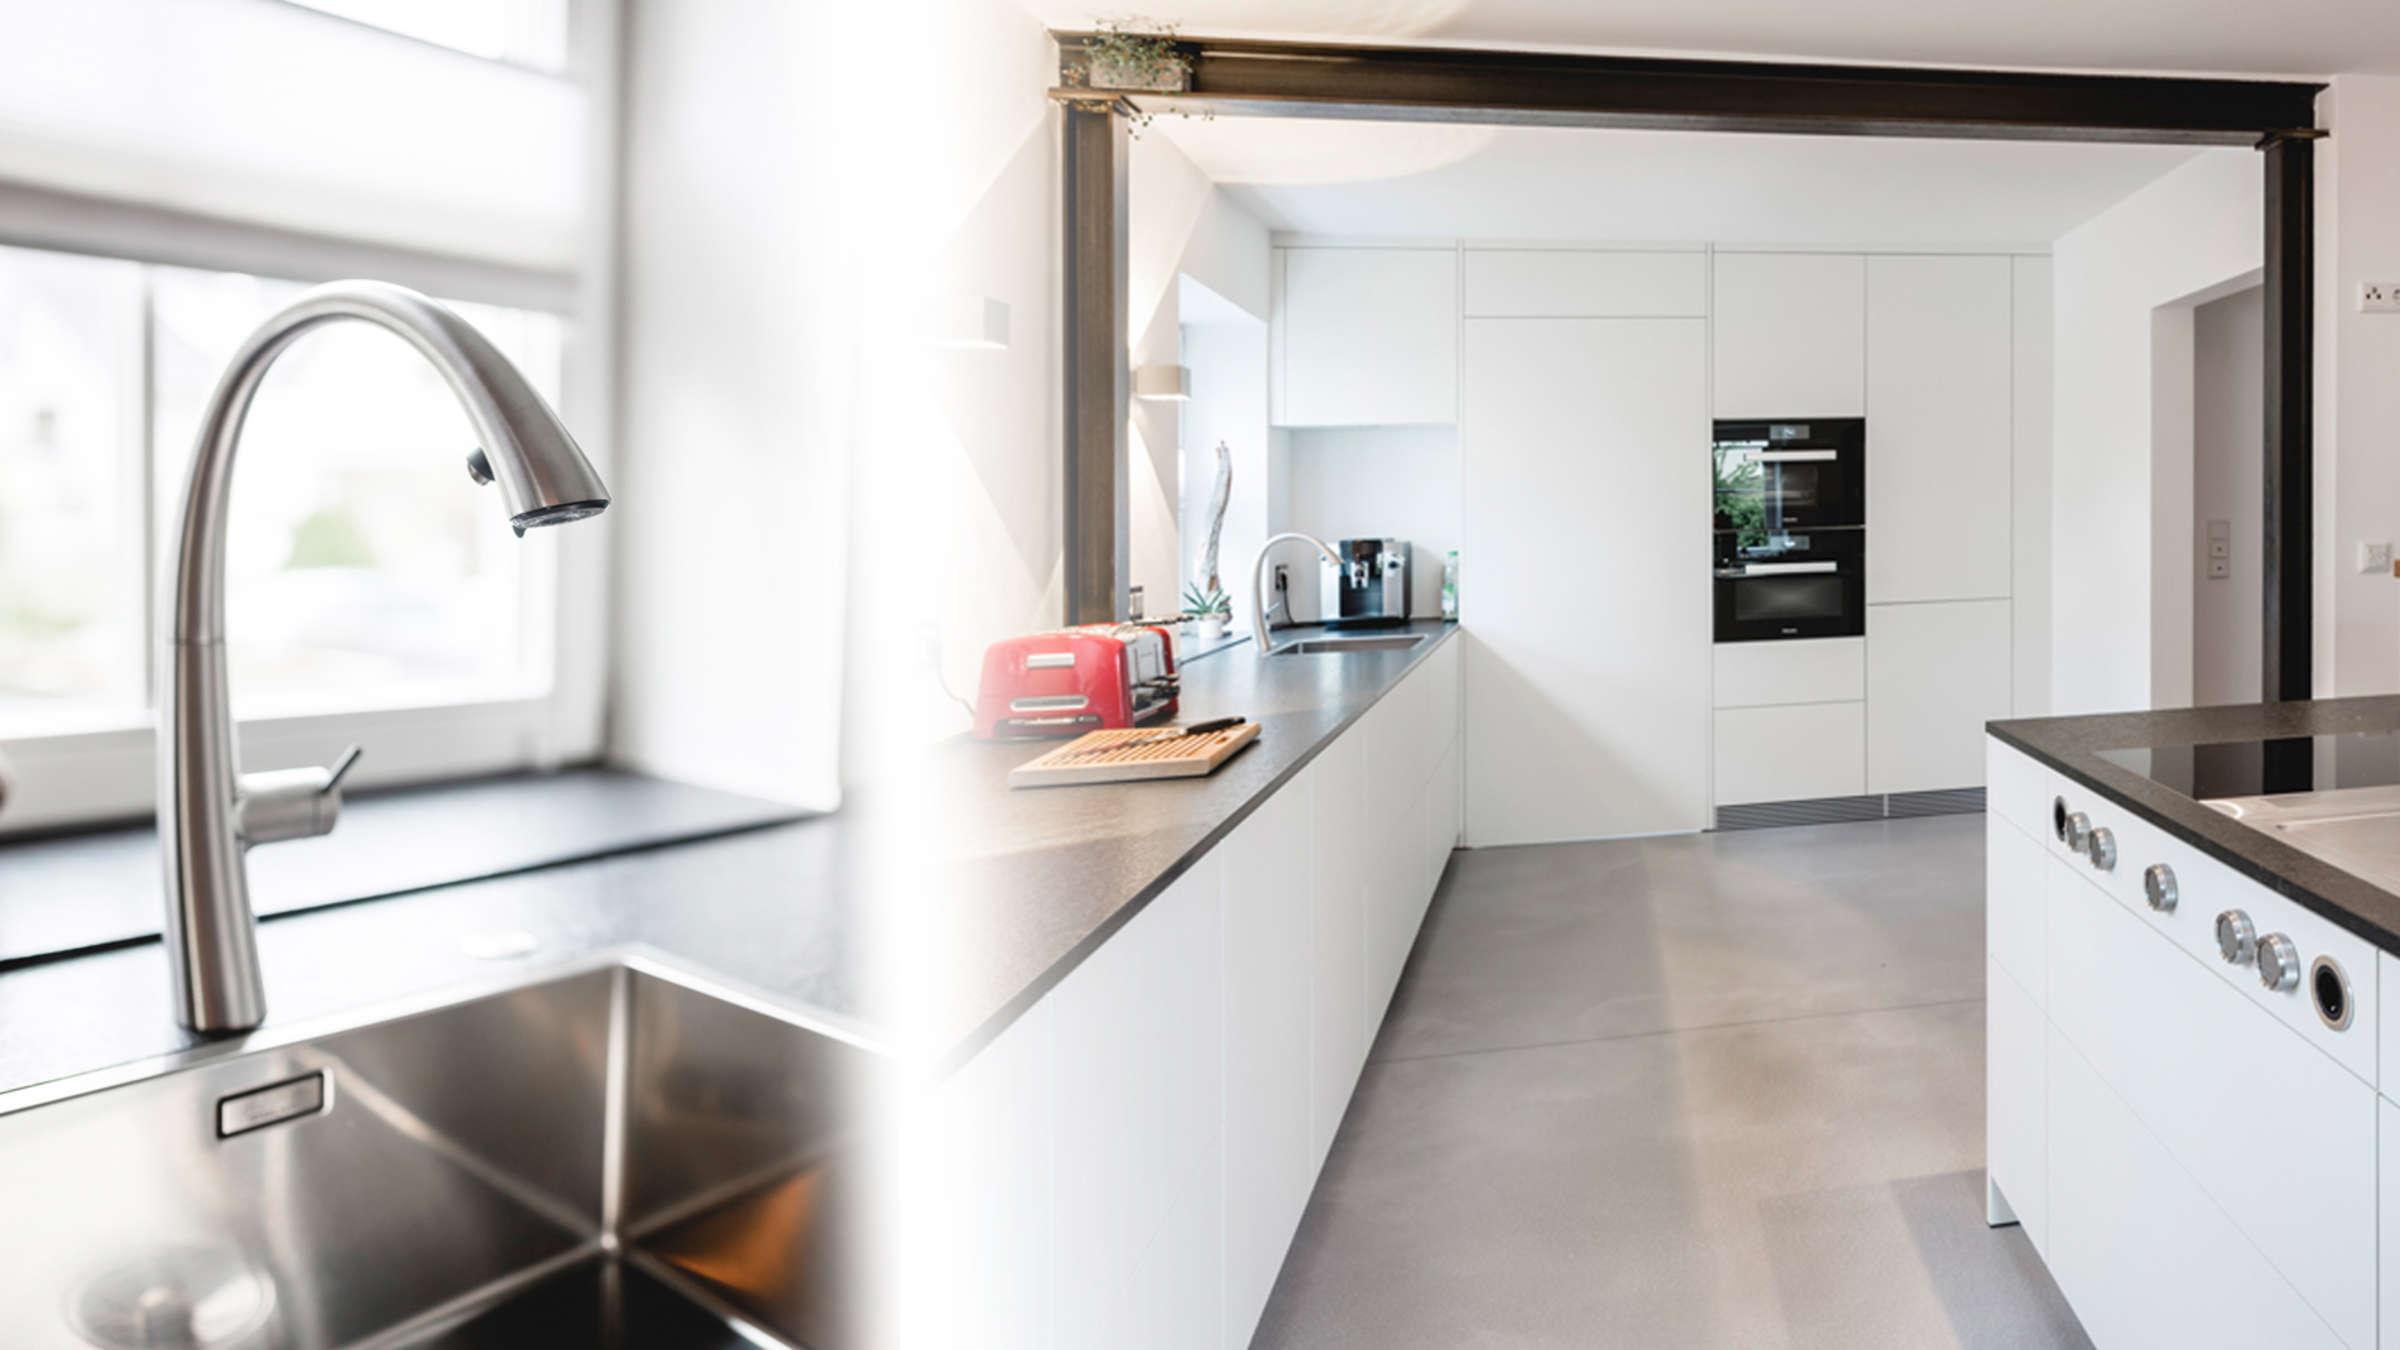 Full Size of Wieserkchen Darum Ist Sple Der Geheime Star In Ihrer Kche Segmüller Küche Küchen Regal Wohnzimmer Segmüller Küchen